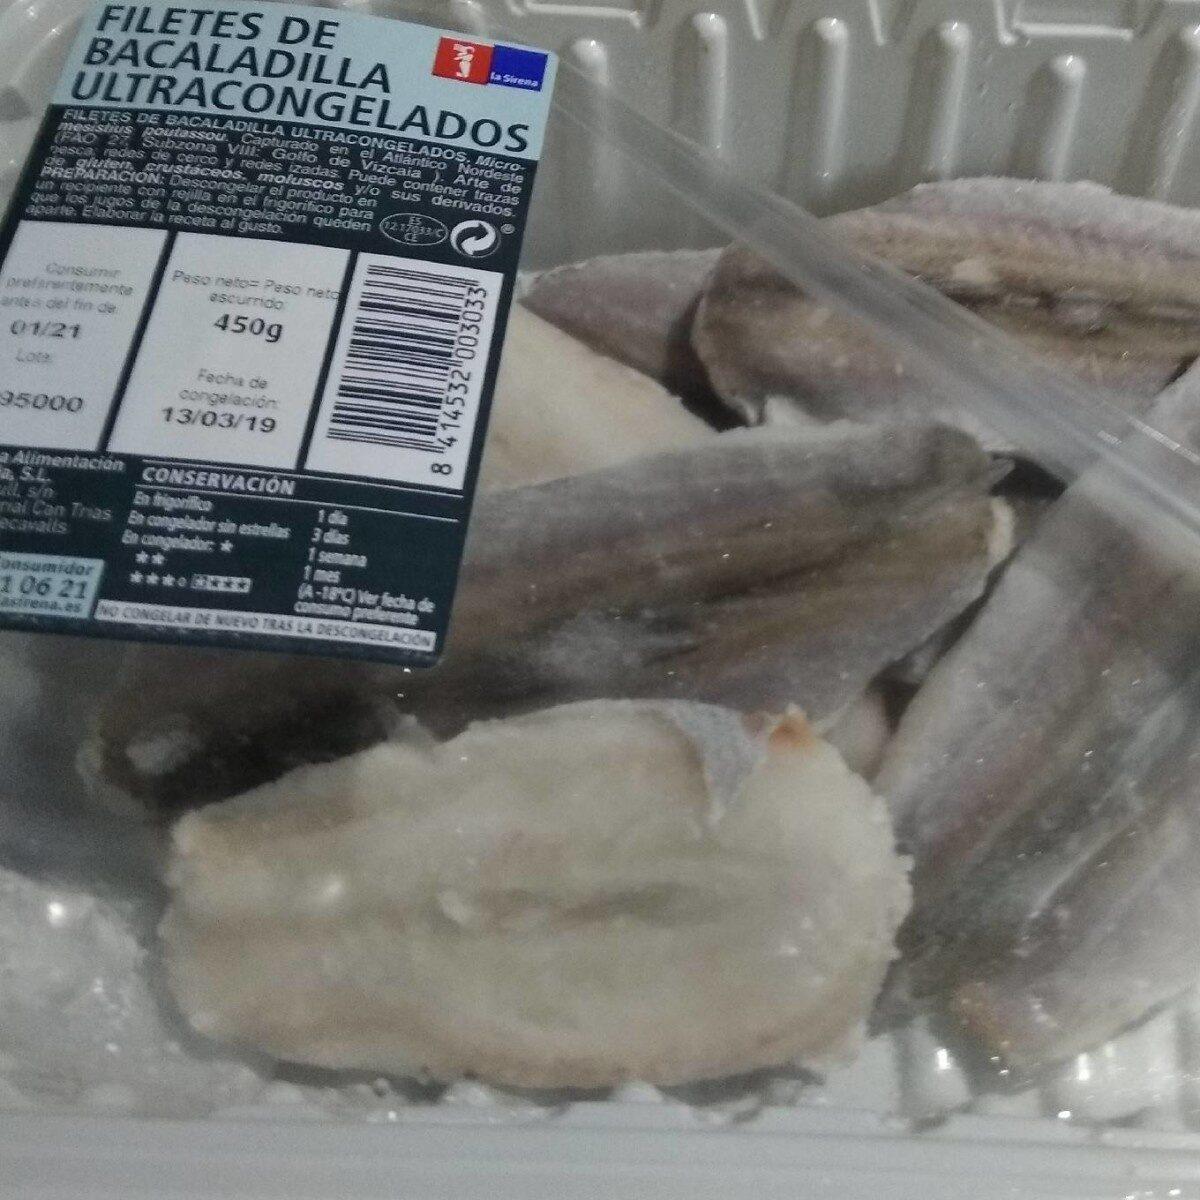 Filetes de Bacaladilla Ultracongelados - Producto - es